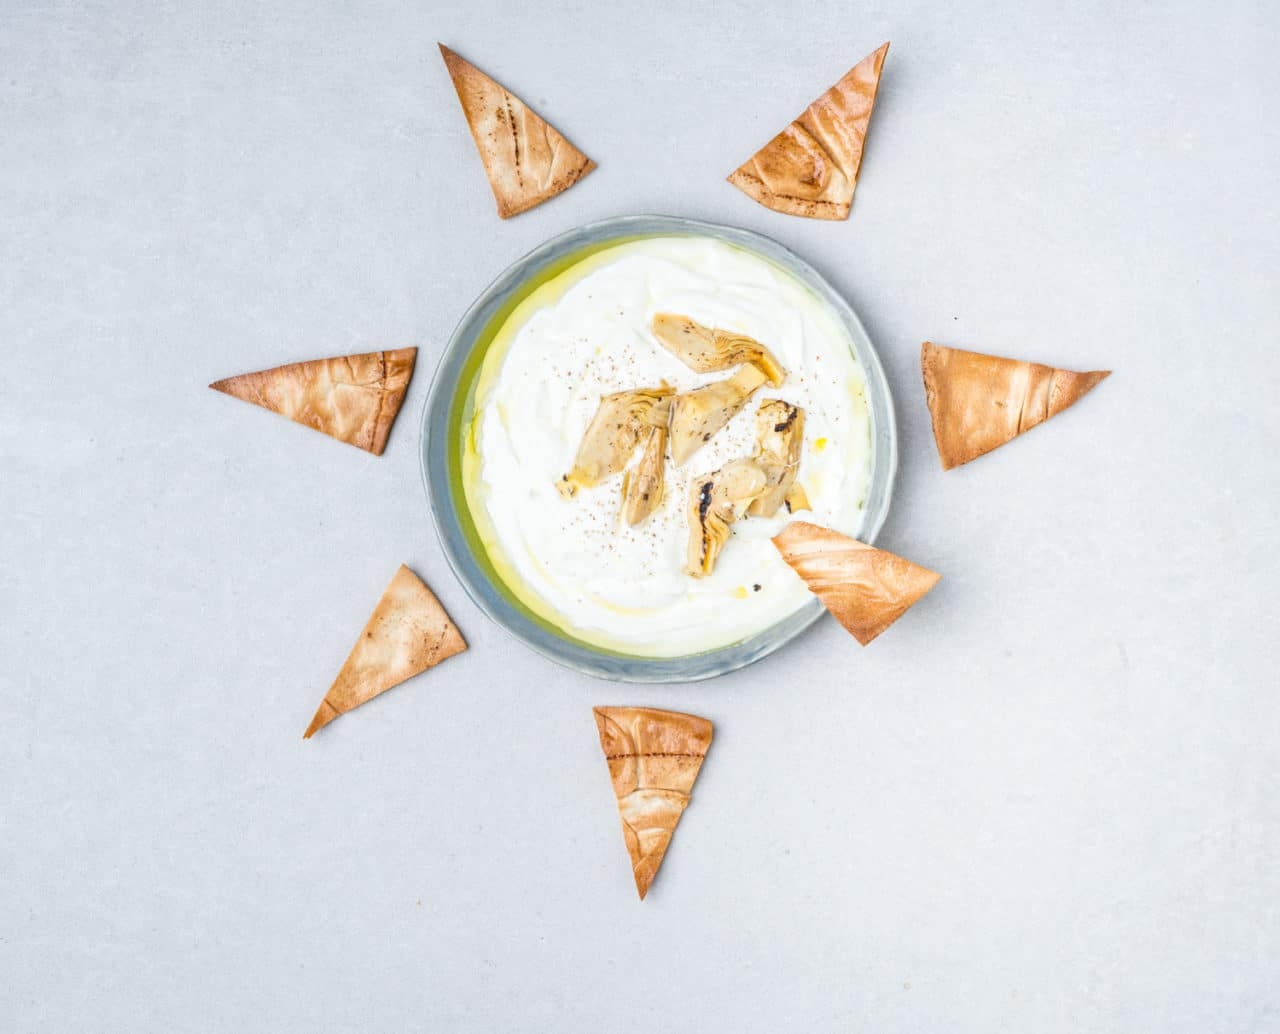 Skål med yoghurtdipp och bröd i triangelformar runt om. Toppad med kronärtskocka.